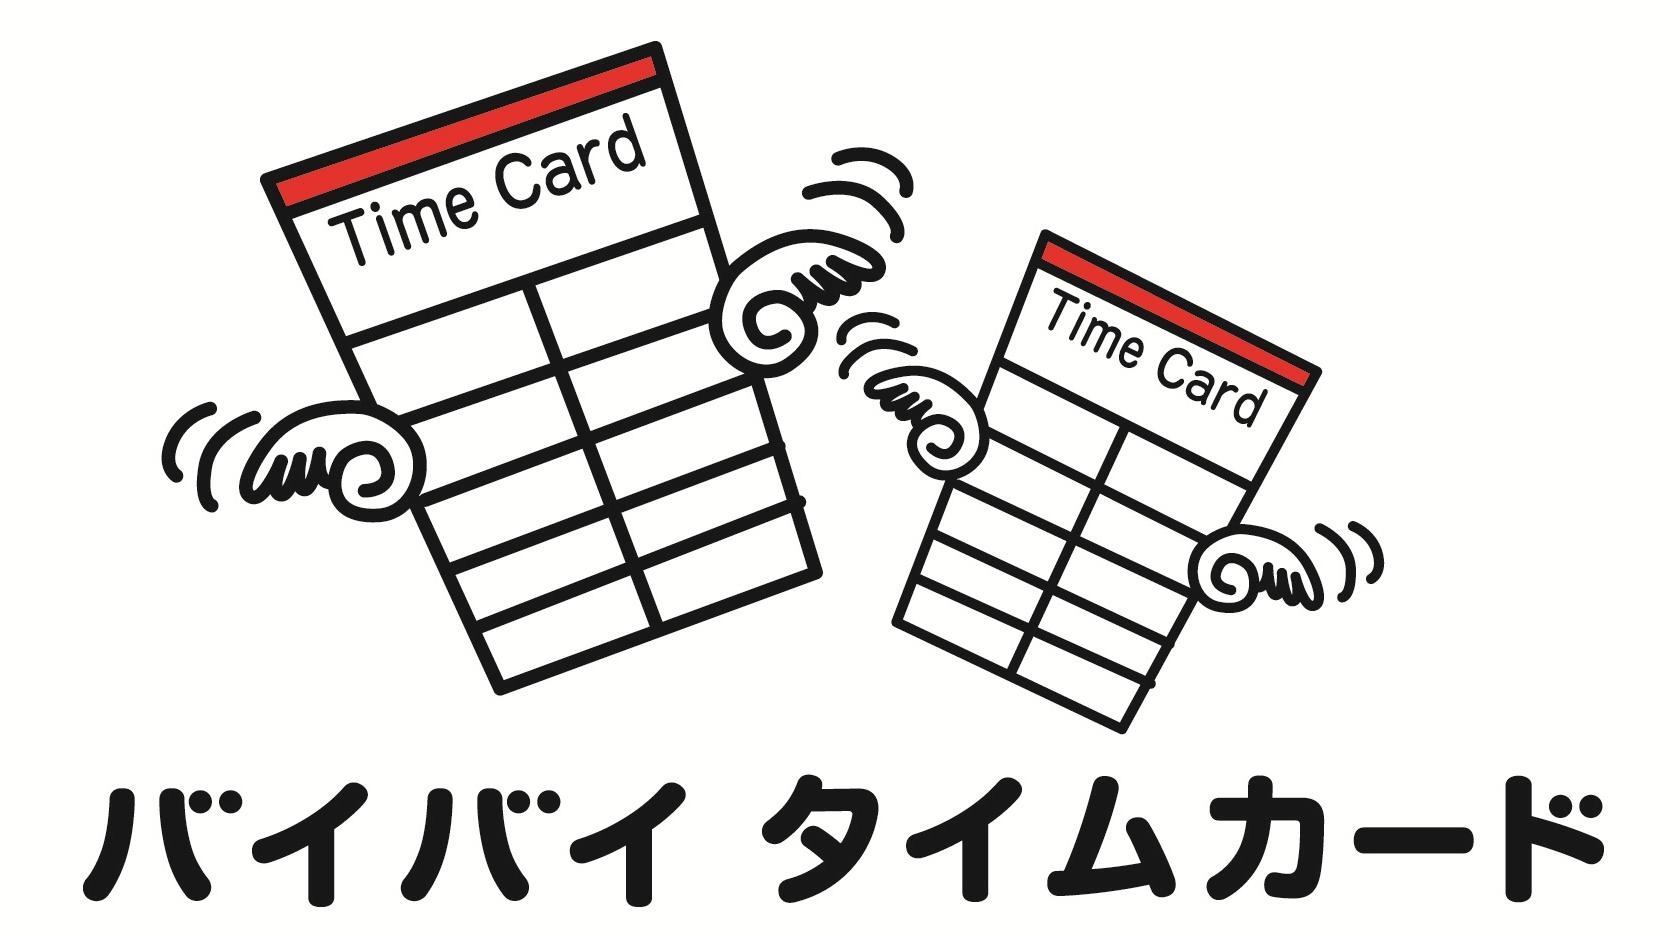 クラウド(SaaS・ASP型)勤怠管理システム「バイバイ タイムカード」10周年のご挨拶